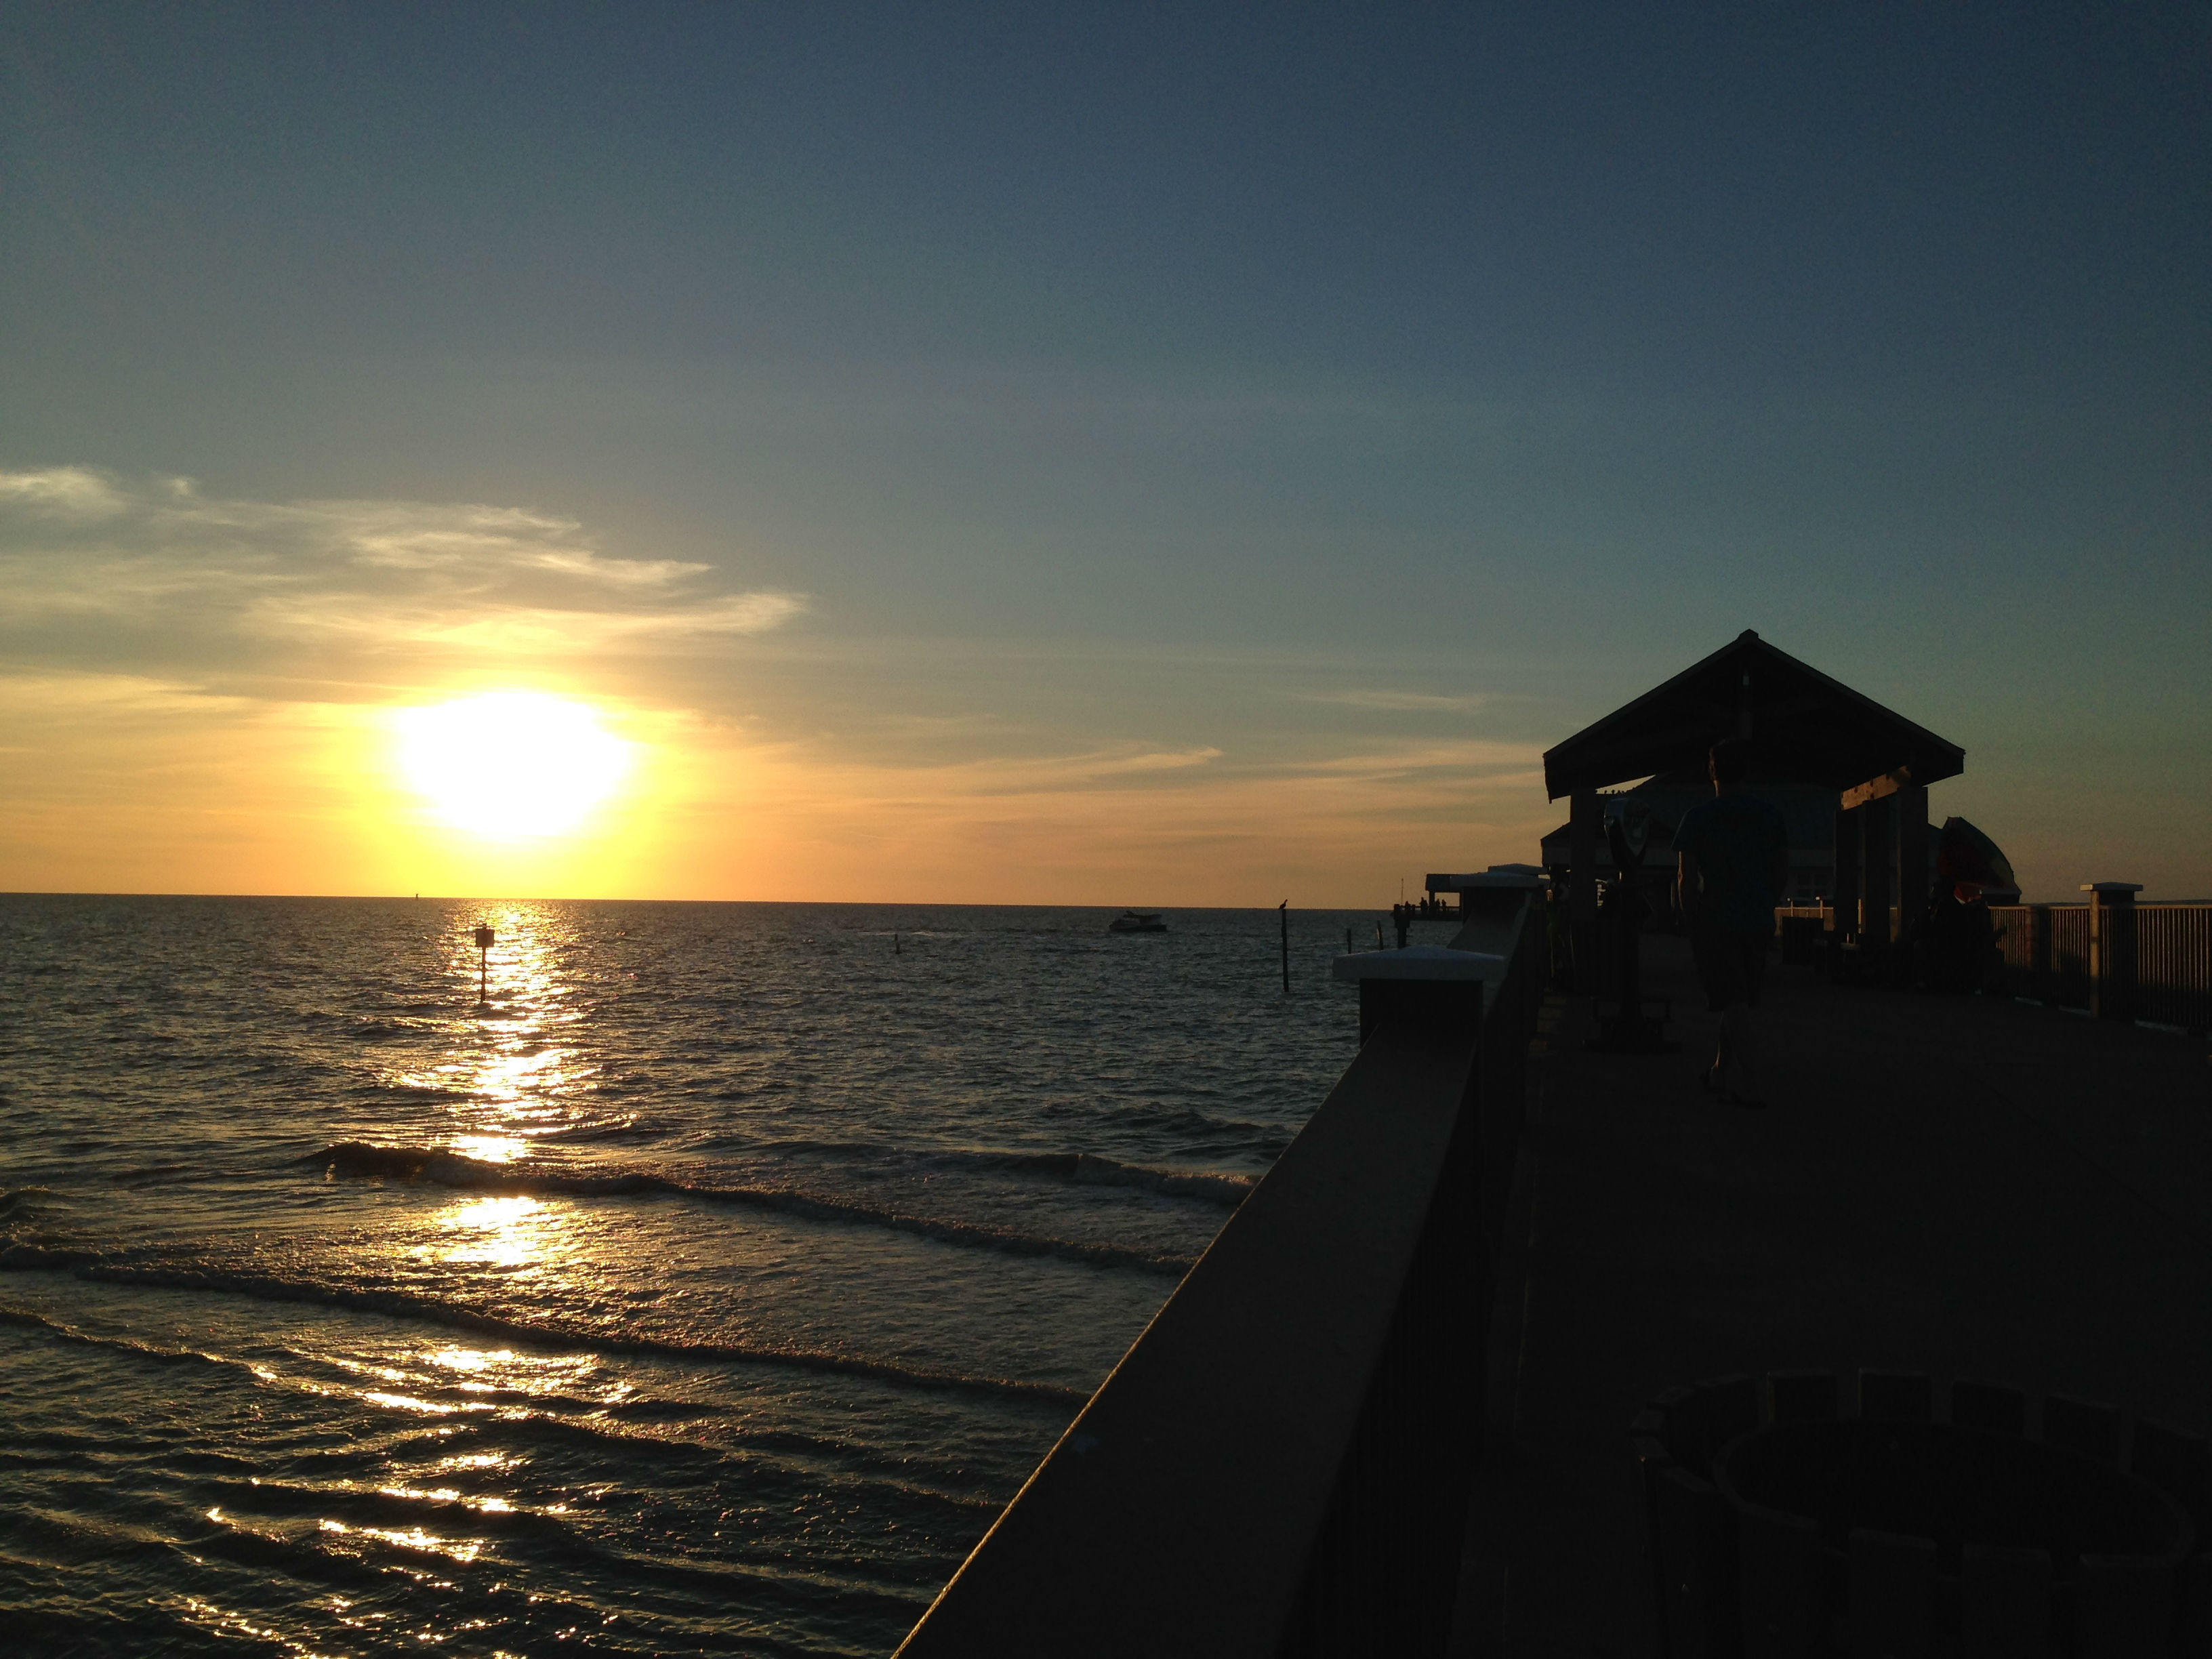 Days 155-156: Florida (Part 3)